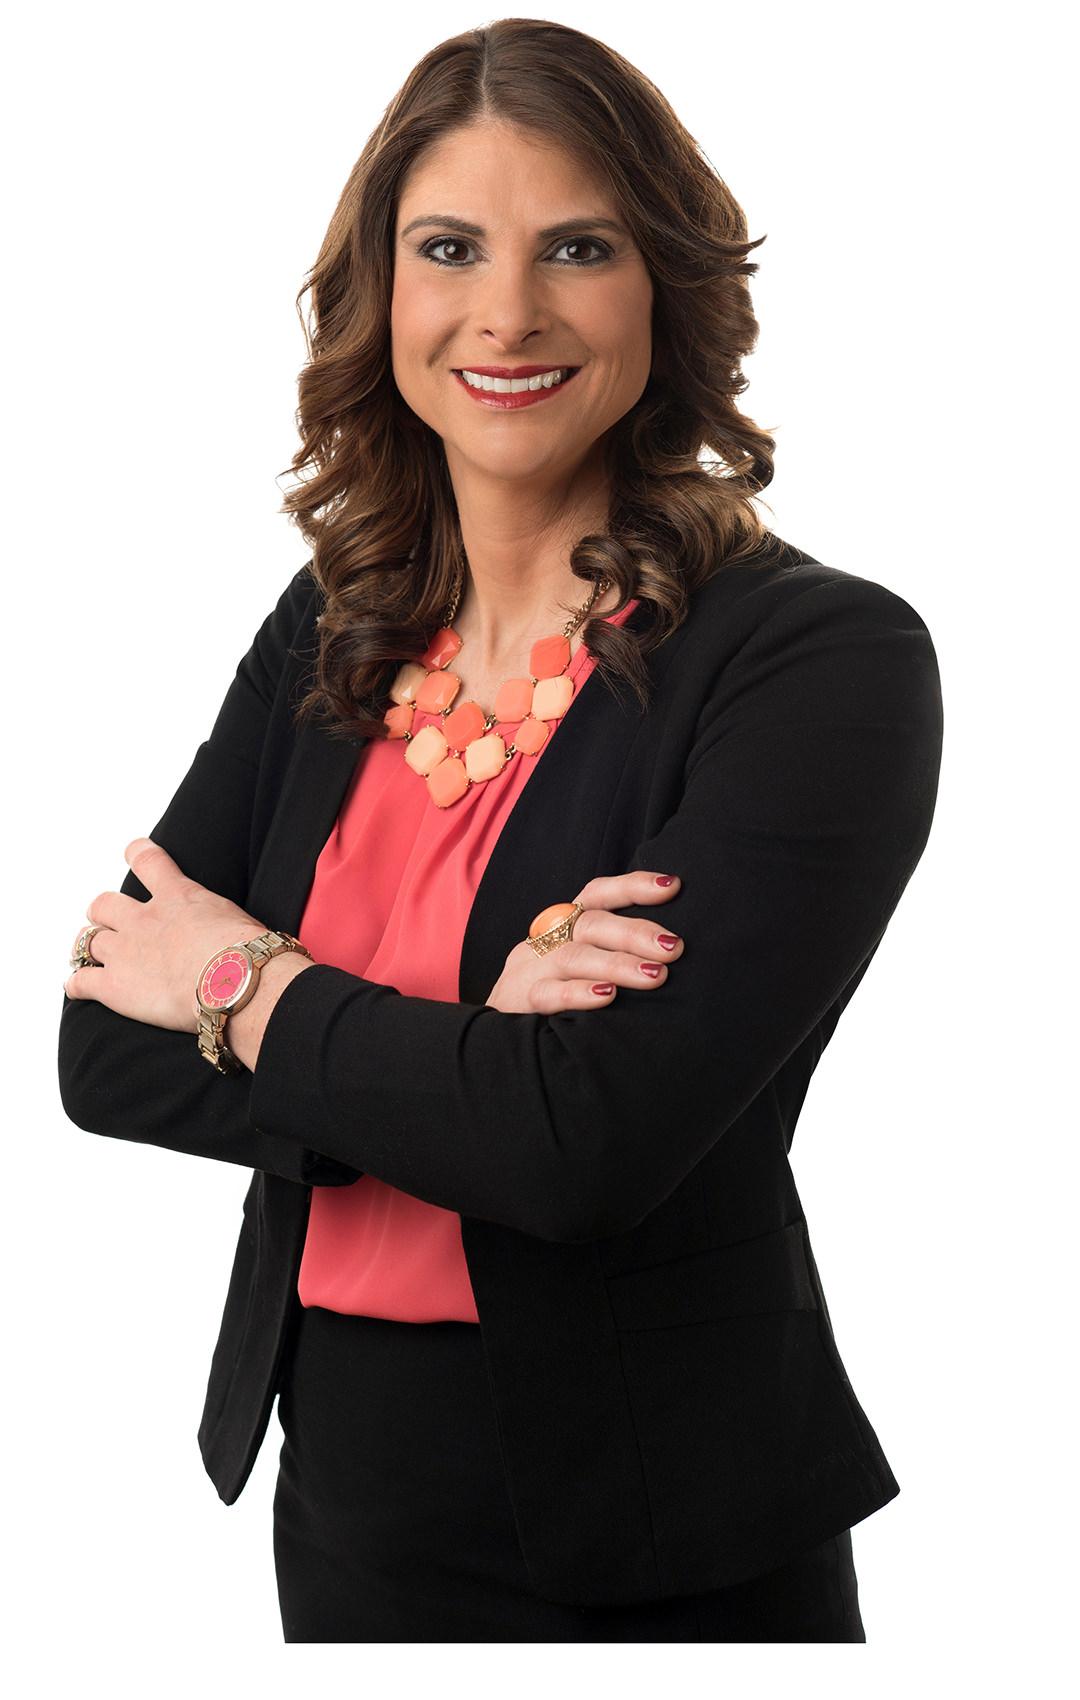 Sarah T. Eibling